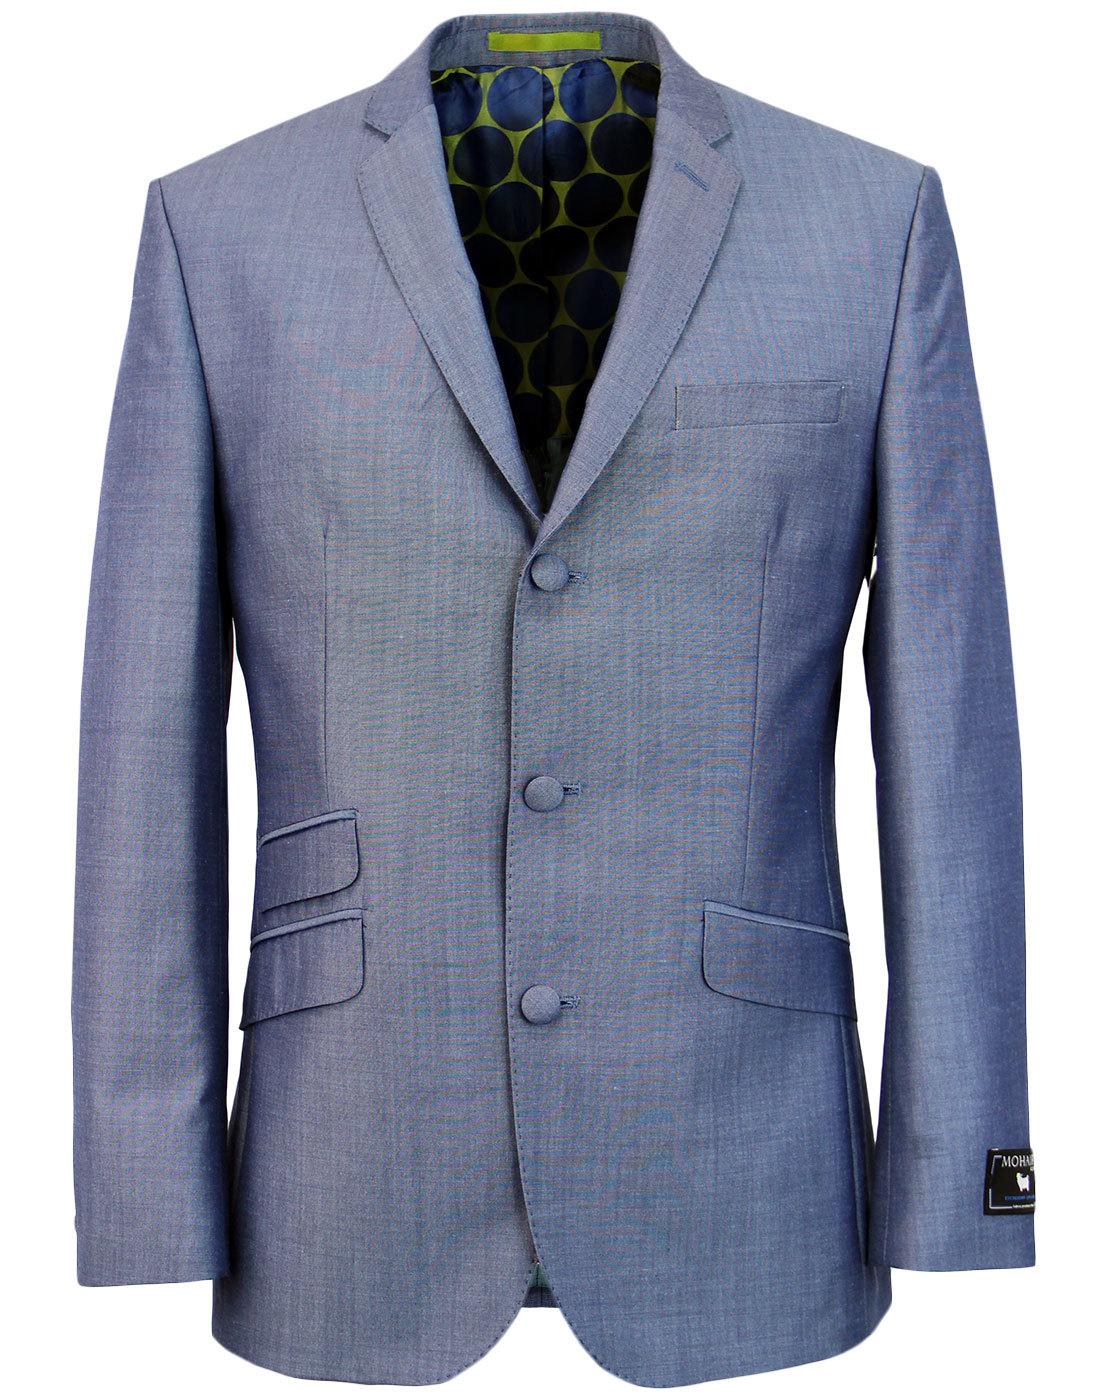 Retro Mod Mohair Blend 3 Button Suit Jacket BLUE